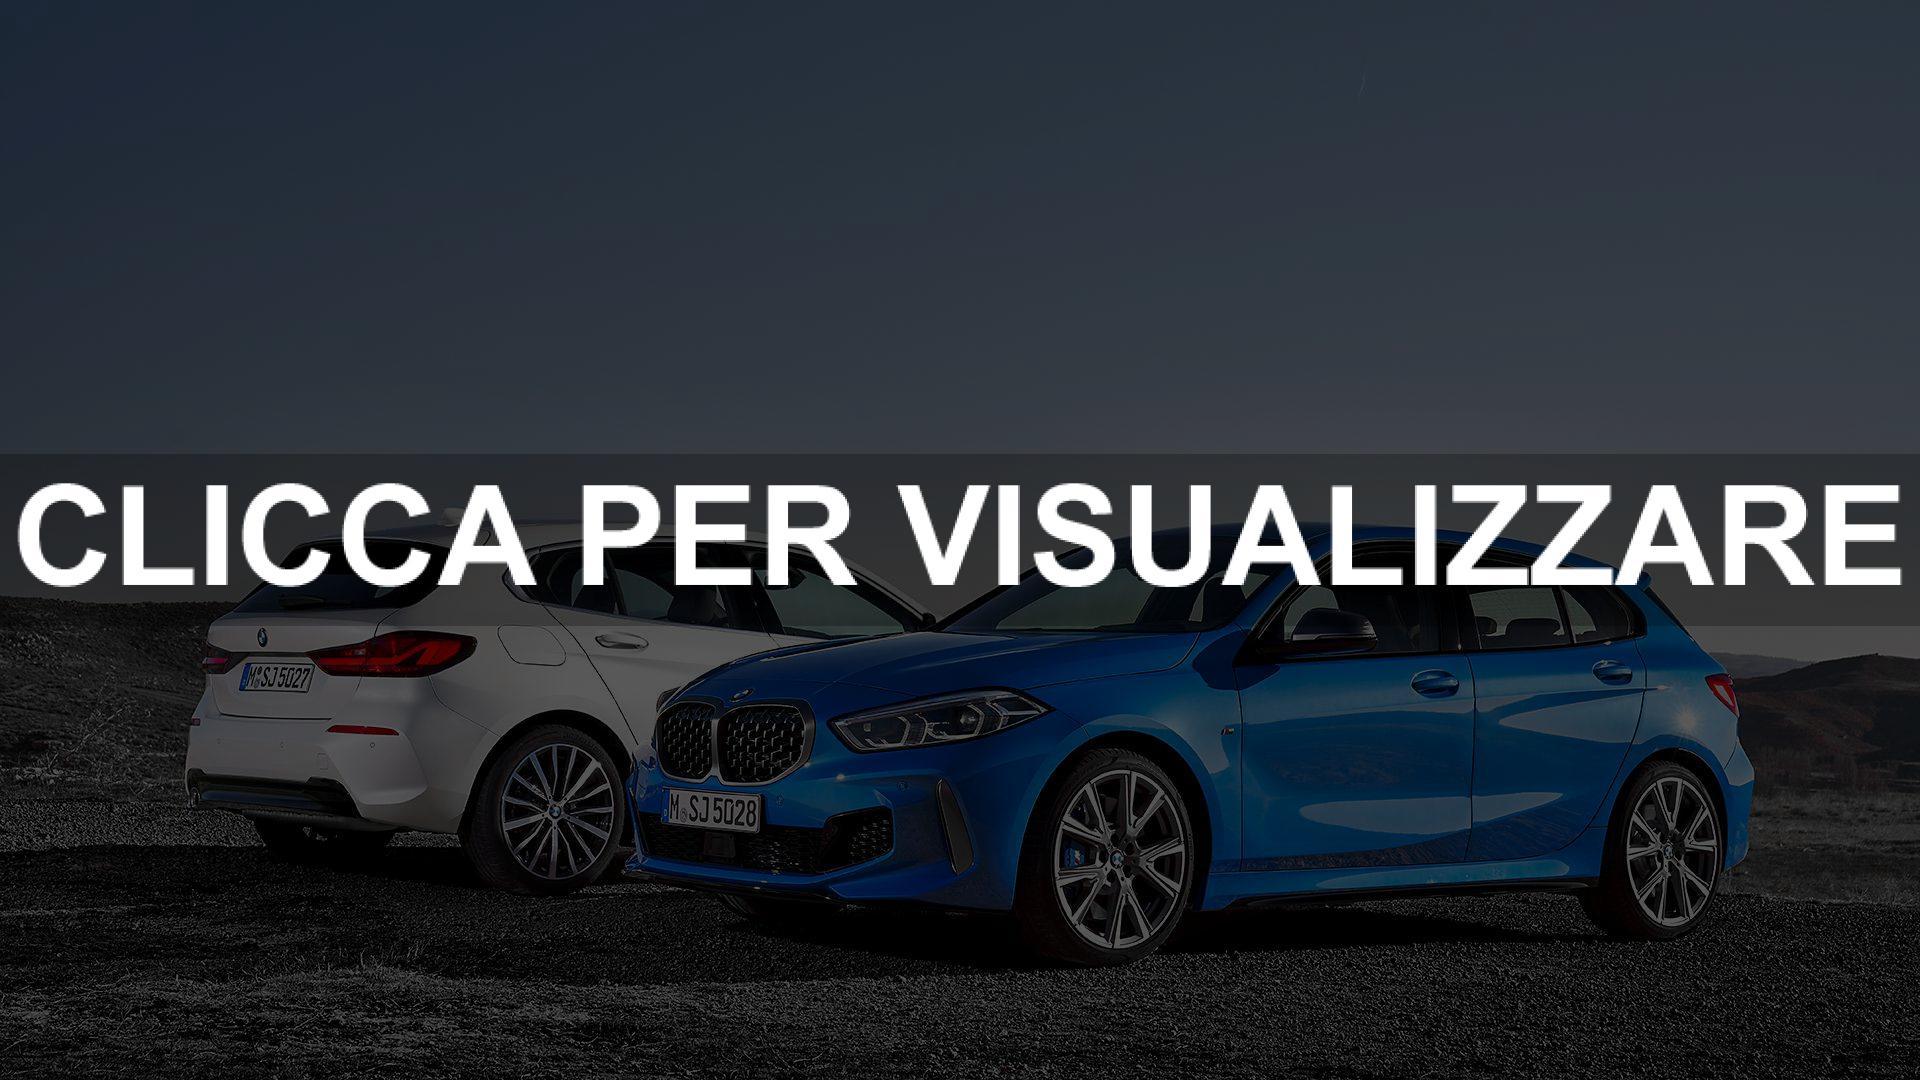 Immagini nuova BMW Serie 1 2019 e data uscita